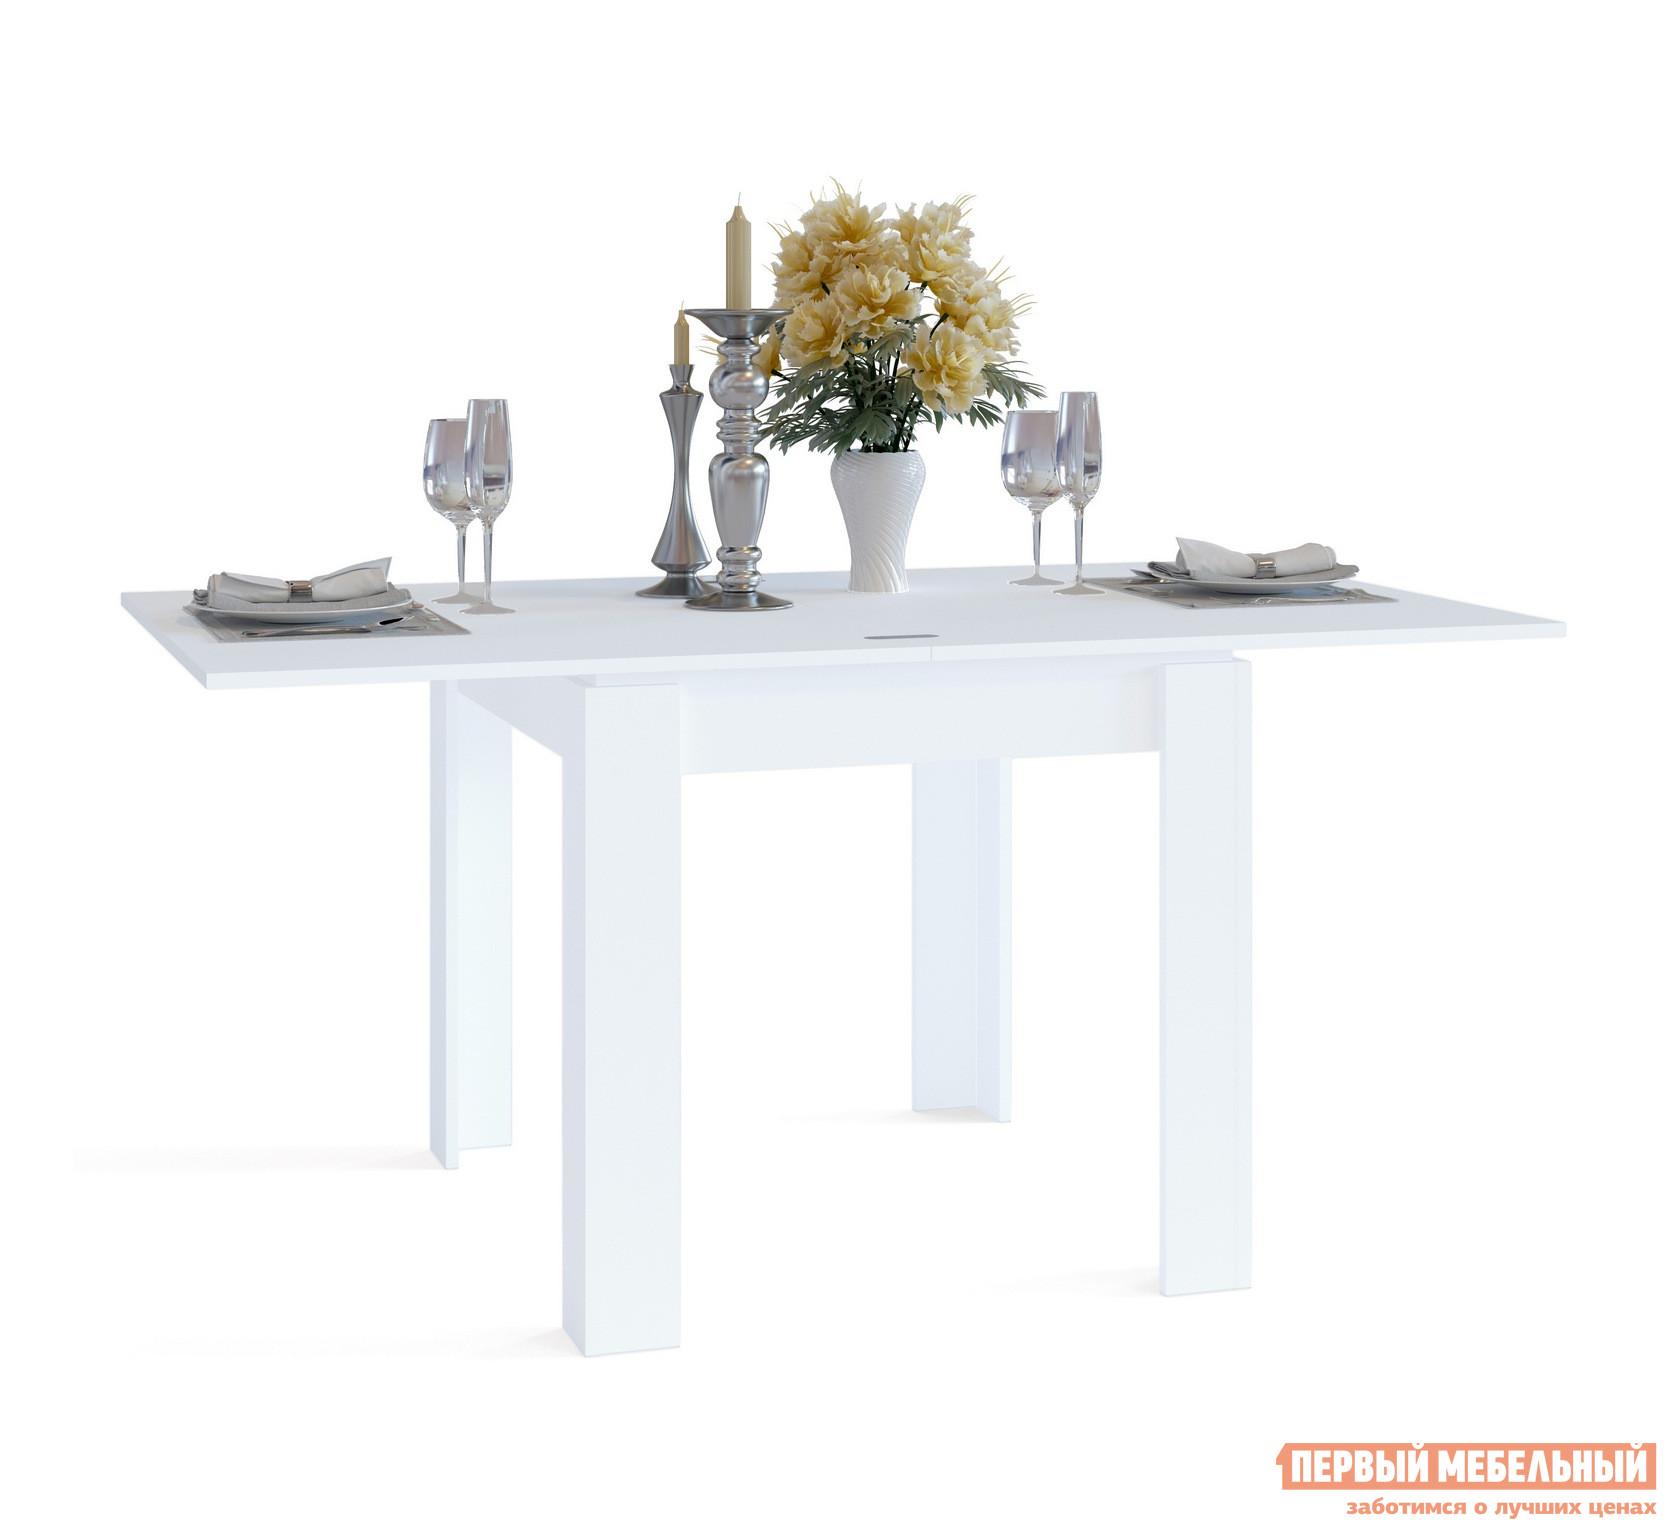 Кухонный стол Сокол СО-2 БелыйКухонные столы<br>Габаритные размеры ВхШхГ 772 / 756x800 / 1600x900  мм. Стильный обеденный стол, выполненный в сочетании контрастных оттенков.  Модель привлекает внимание оригинальным угловым оформлением ножек, которое создает ощущение массивности и уюта.  Лаконичный дизайн стола делает его универсальным элементом как для классического, так и современного интерьера кухни. Стол оборудован раскладным механизмом, который увеличивает ширину столешницы до 1600 мм.  Чтобы разложить стол, нужно отодвинуть столешницу и раскрыть ее как книжку.  Легко и удобно. Изделие изготавливается из ЛДСП толщиной 16 мм. Столешница обработана кромкой ПВХ толщиной 2 мм, остальные детали в кромке ПВХ 0,4 мм. Рекомендуем сохранить инструкцию по сборке (паспорт изделия) до истечения гарантийного срока.<br><br>Цвет: Белый<br>Высота мм: 772 / 756<br>Ширина мм: 800 / 1600<br>Глубина мм: 900<br>Кол-во упаковок: 1<br>Форма поставки: В разобранном виде<br>Срок гарантии: 2 года<br>Тип: Раскладные<br>Тип: Трансформер<br>Материал: Дерево<br>Материал: ЛДСП<br>Форма: Прямоугольные<br>Размер: Маленькие